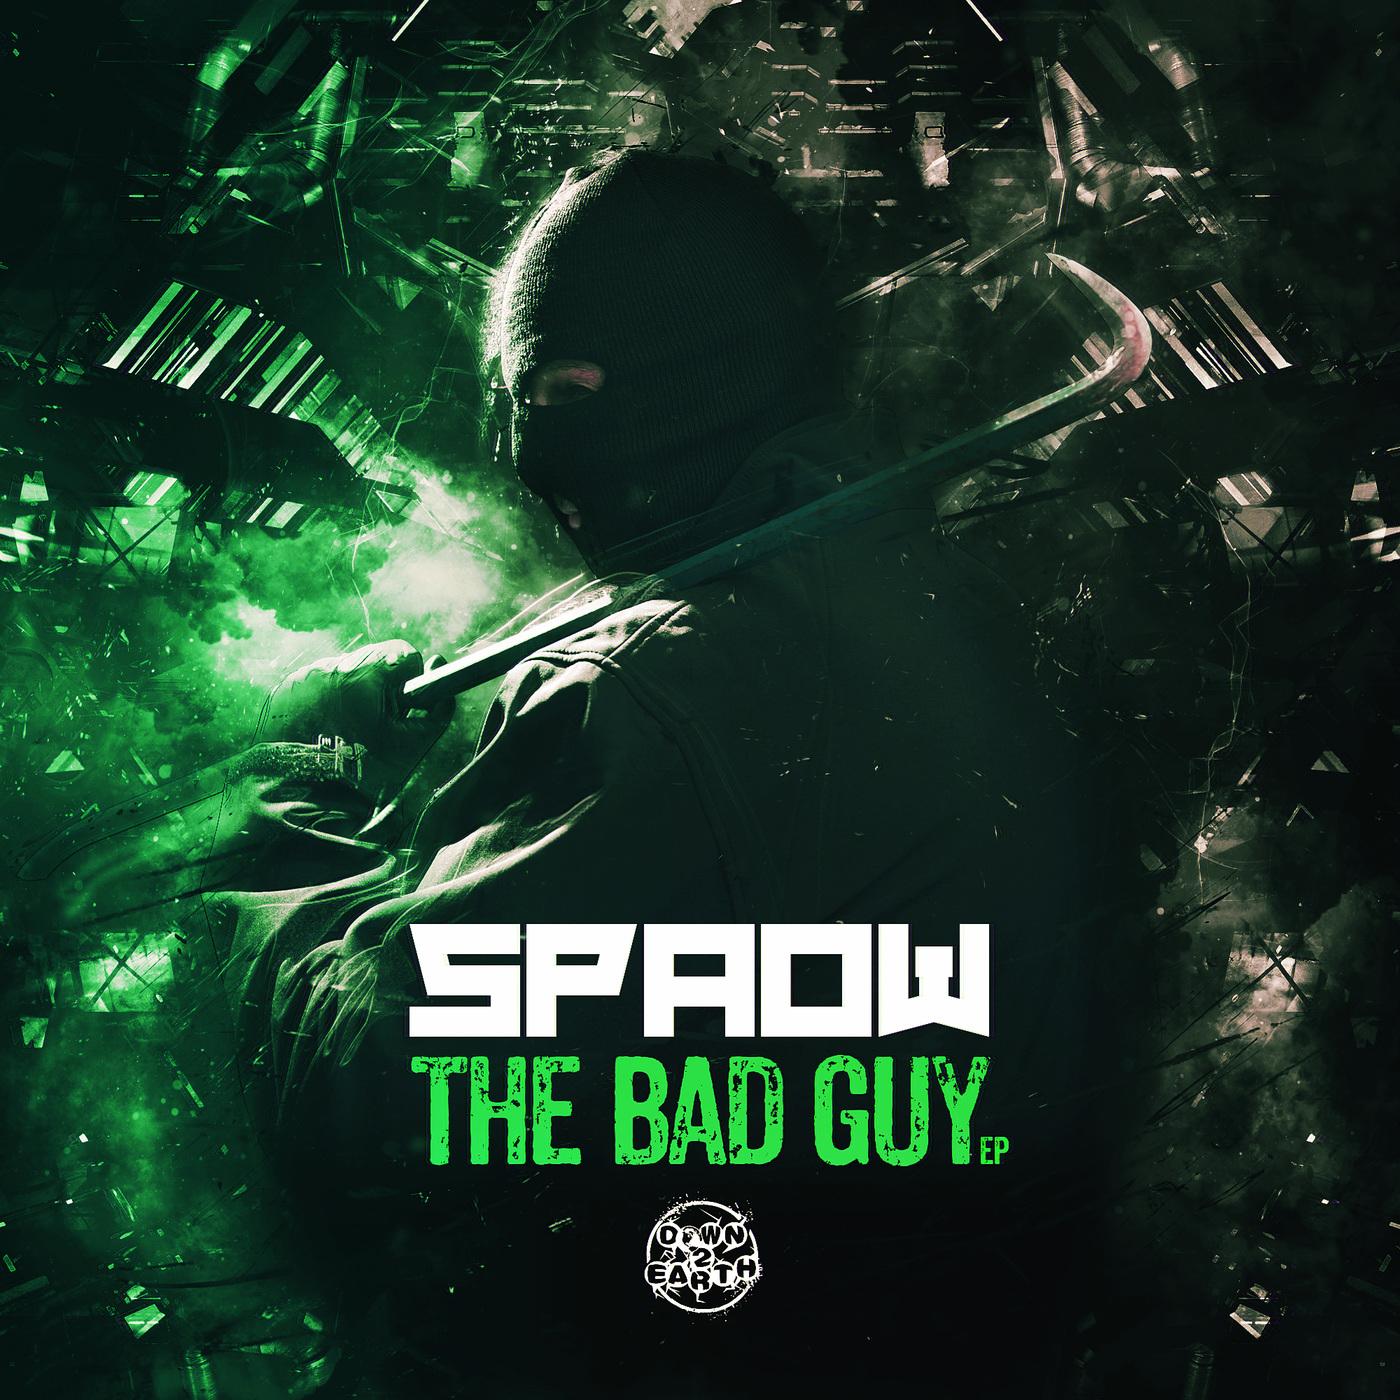 Spaow - Teralove (Original Mix)